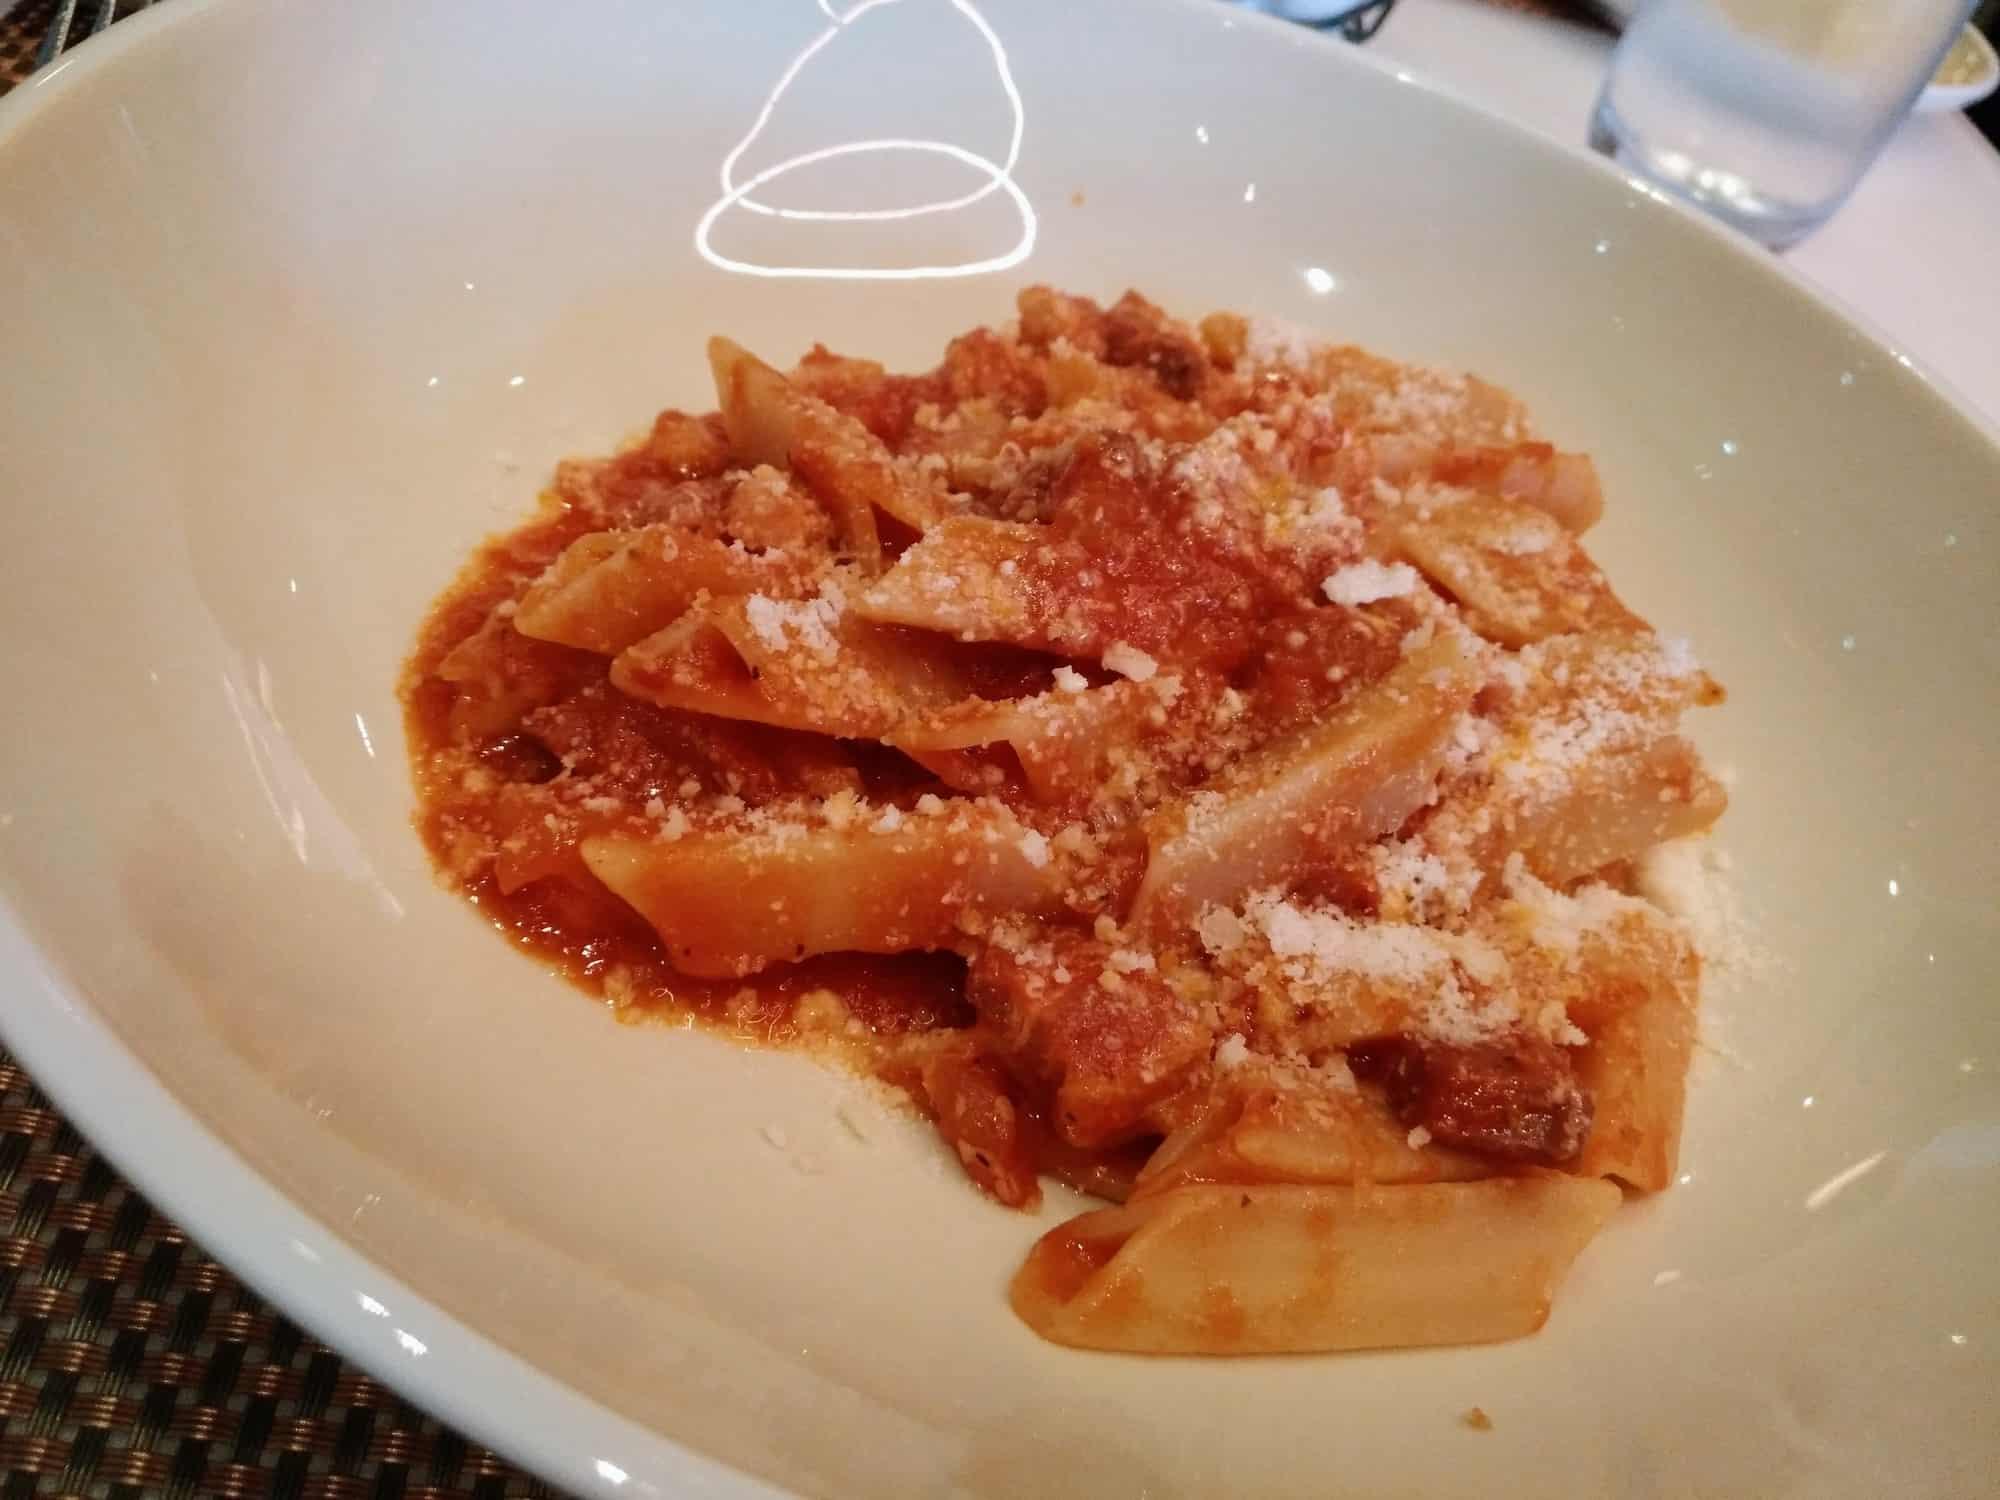 Portion Pasta bei Drago Restaurant im Petersen Automotive Museum